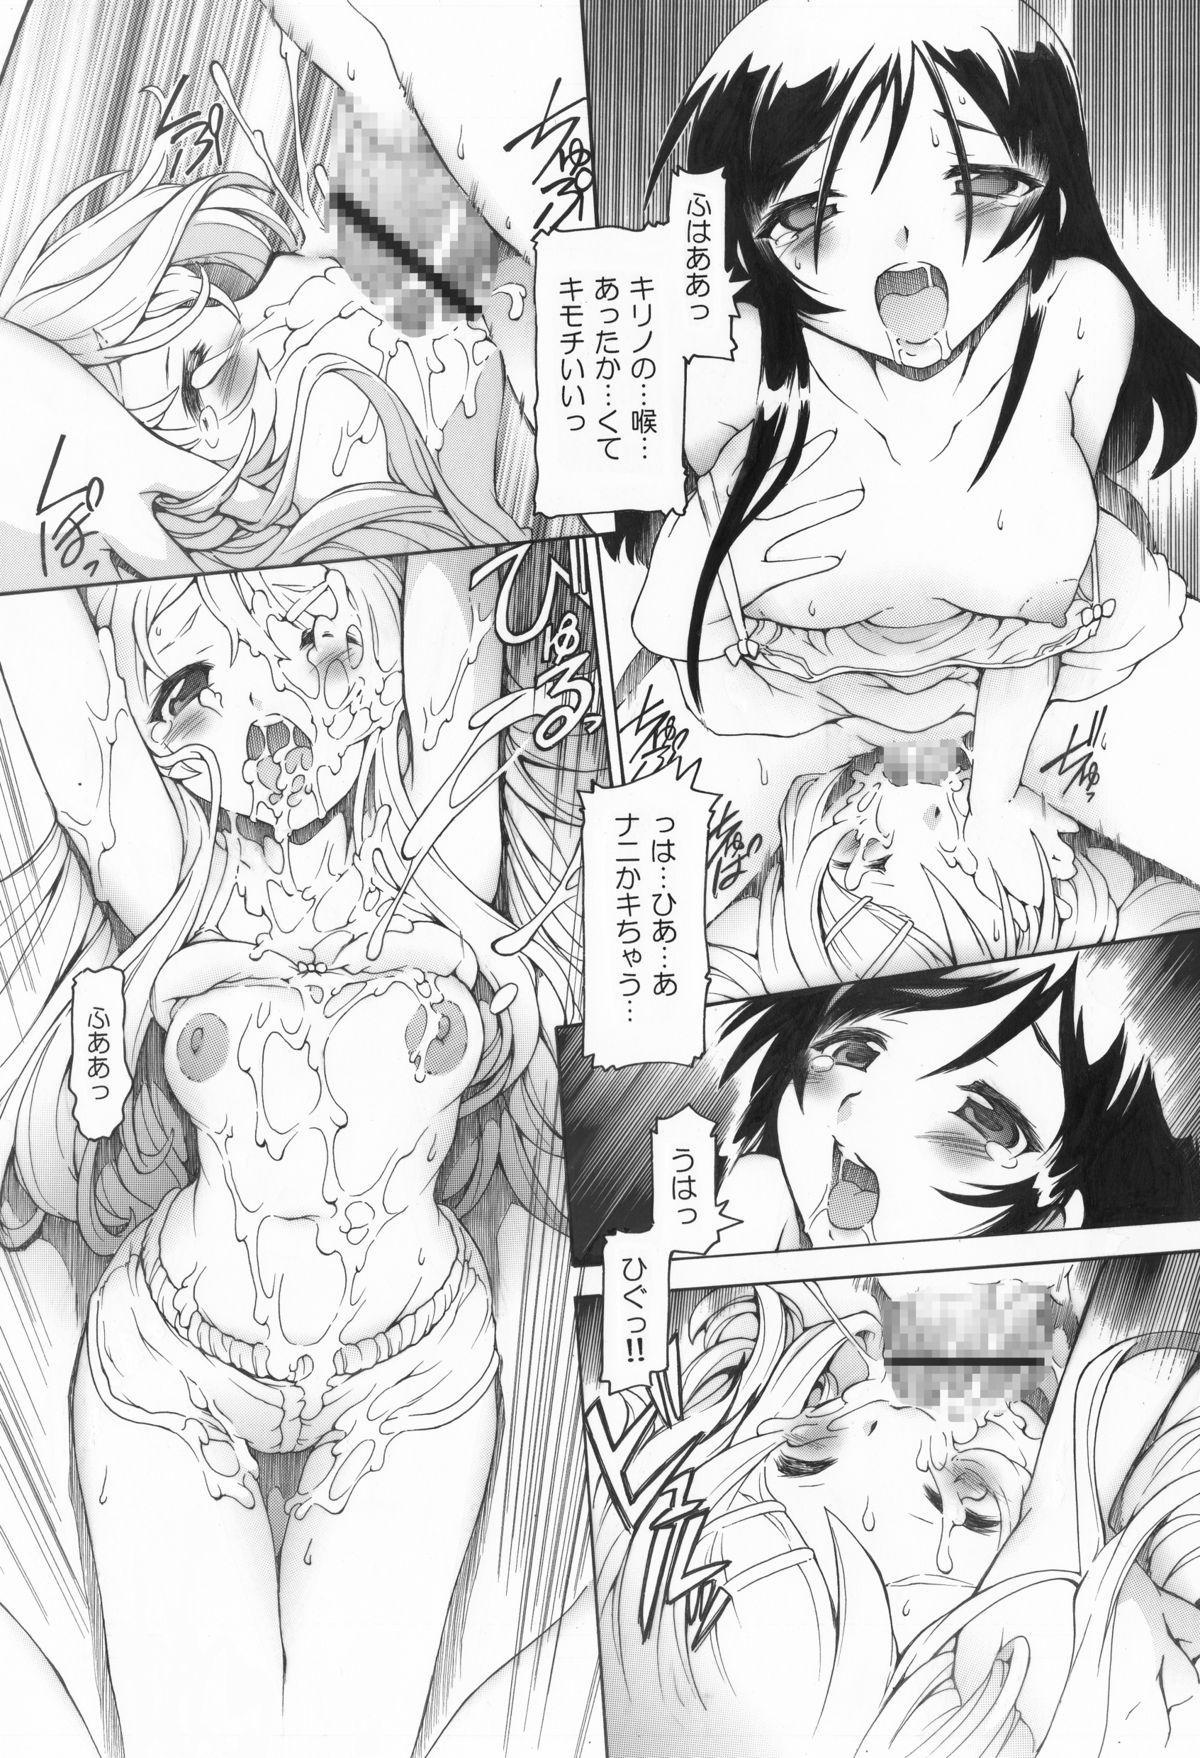 Oreimo Ero Manga 5